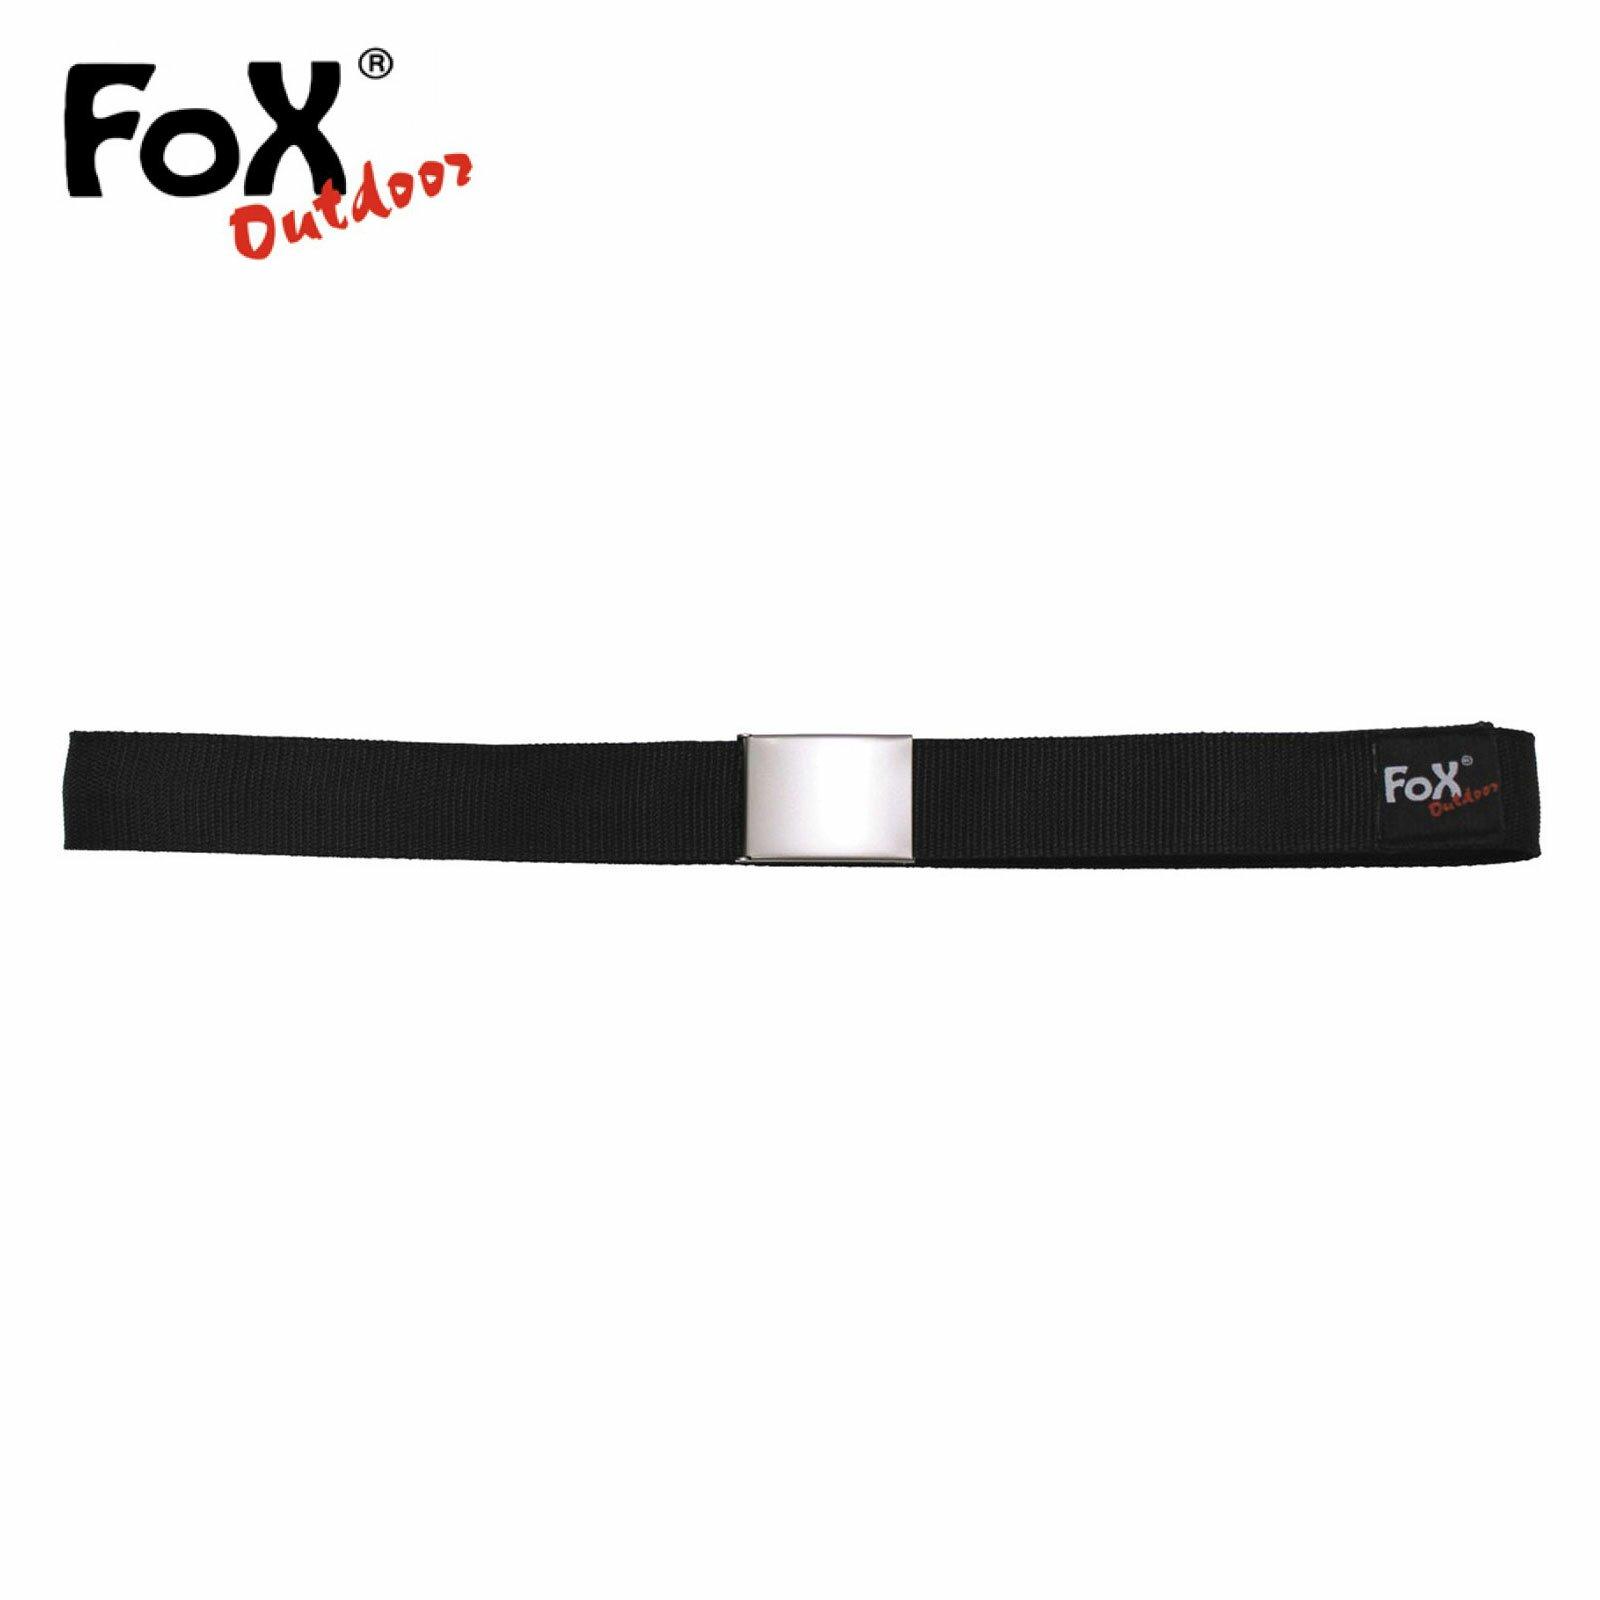 Fox Outdoor Gürtel mit Innenfach Schwarz